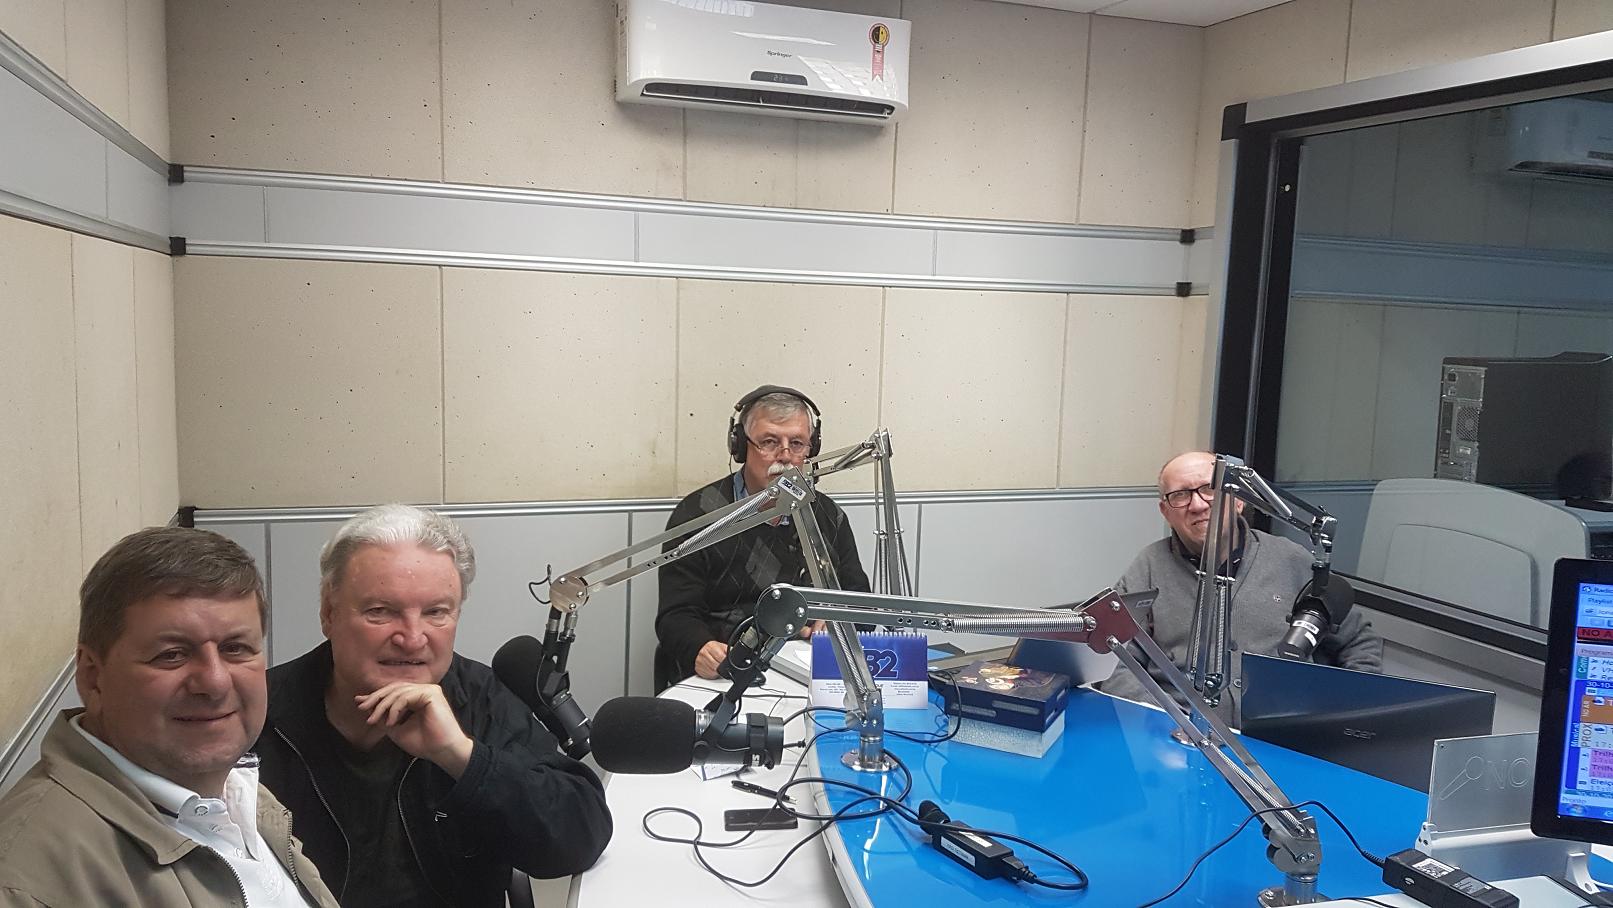 Jorge Cury Neto, Jota Agostinho, Sidney Campos e Osni Maier.